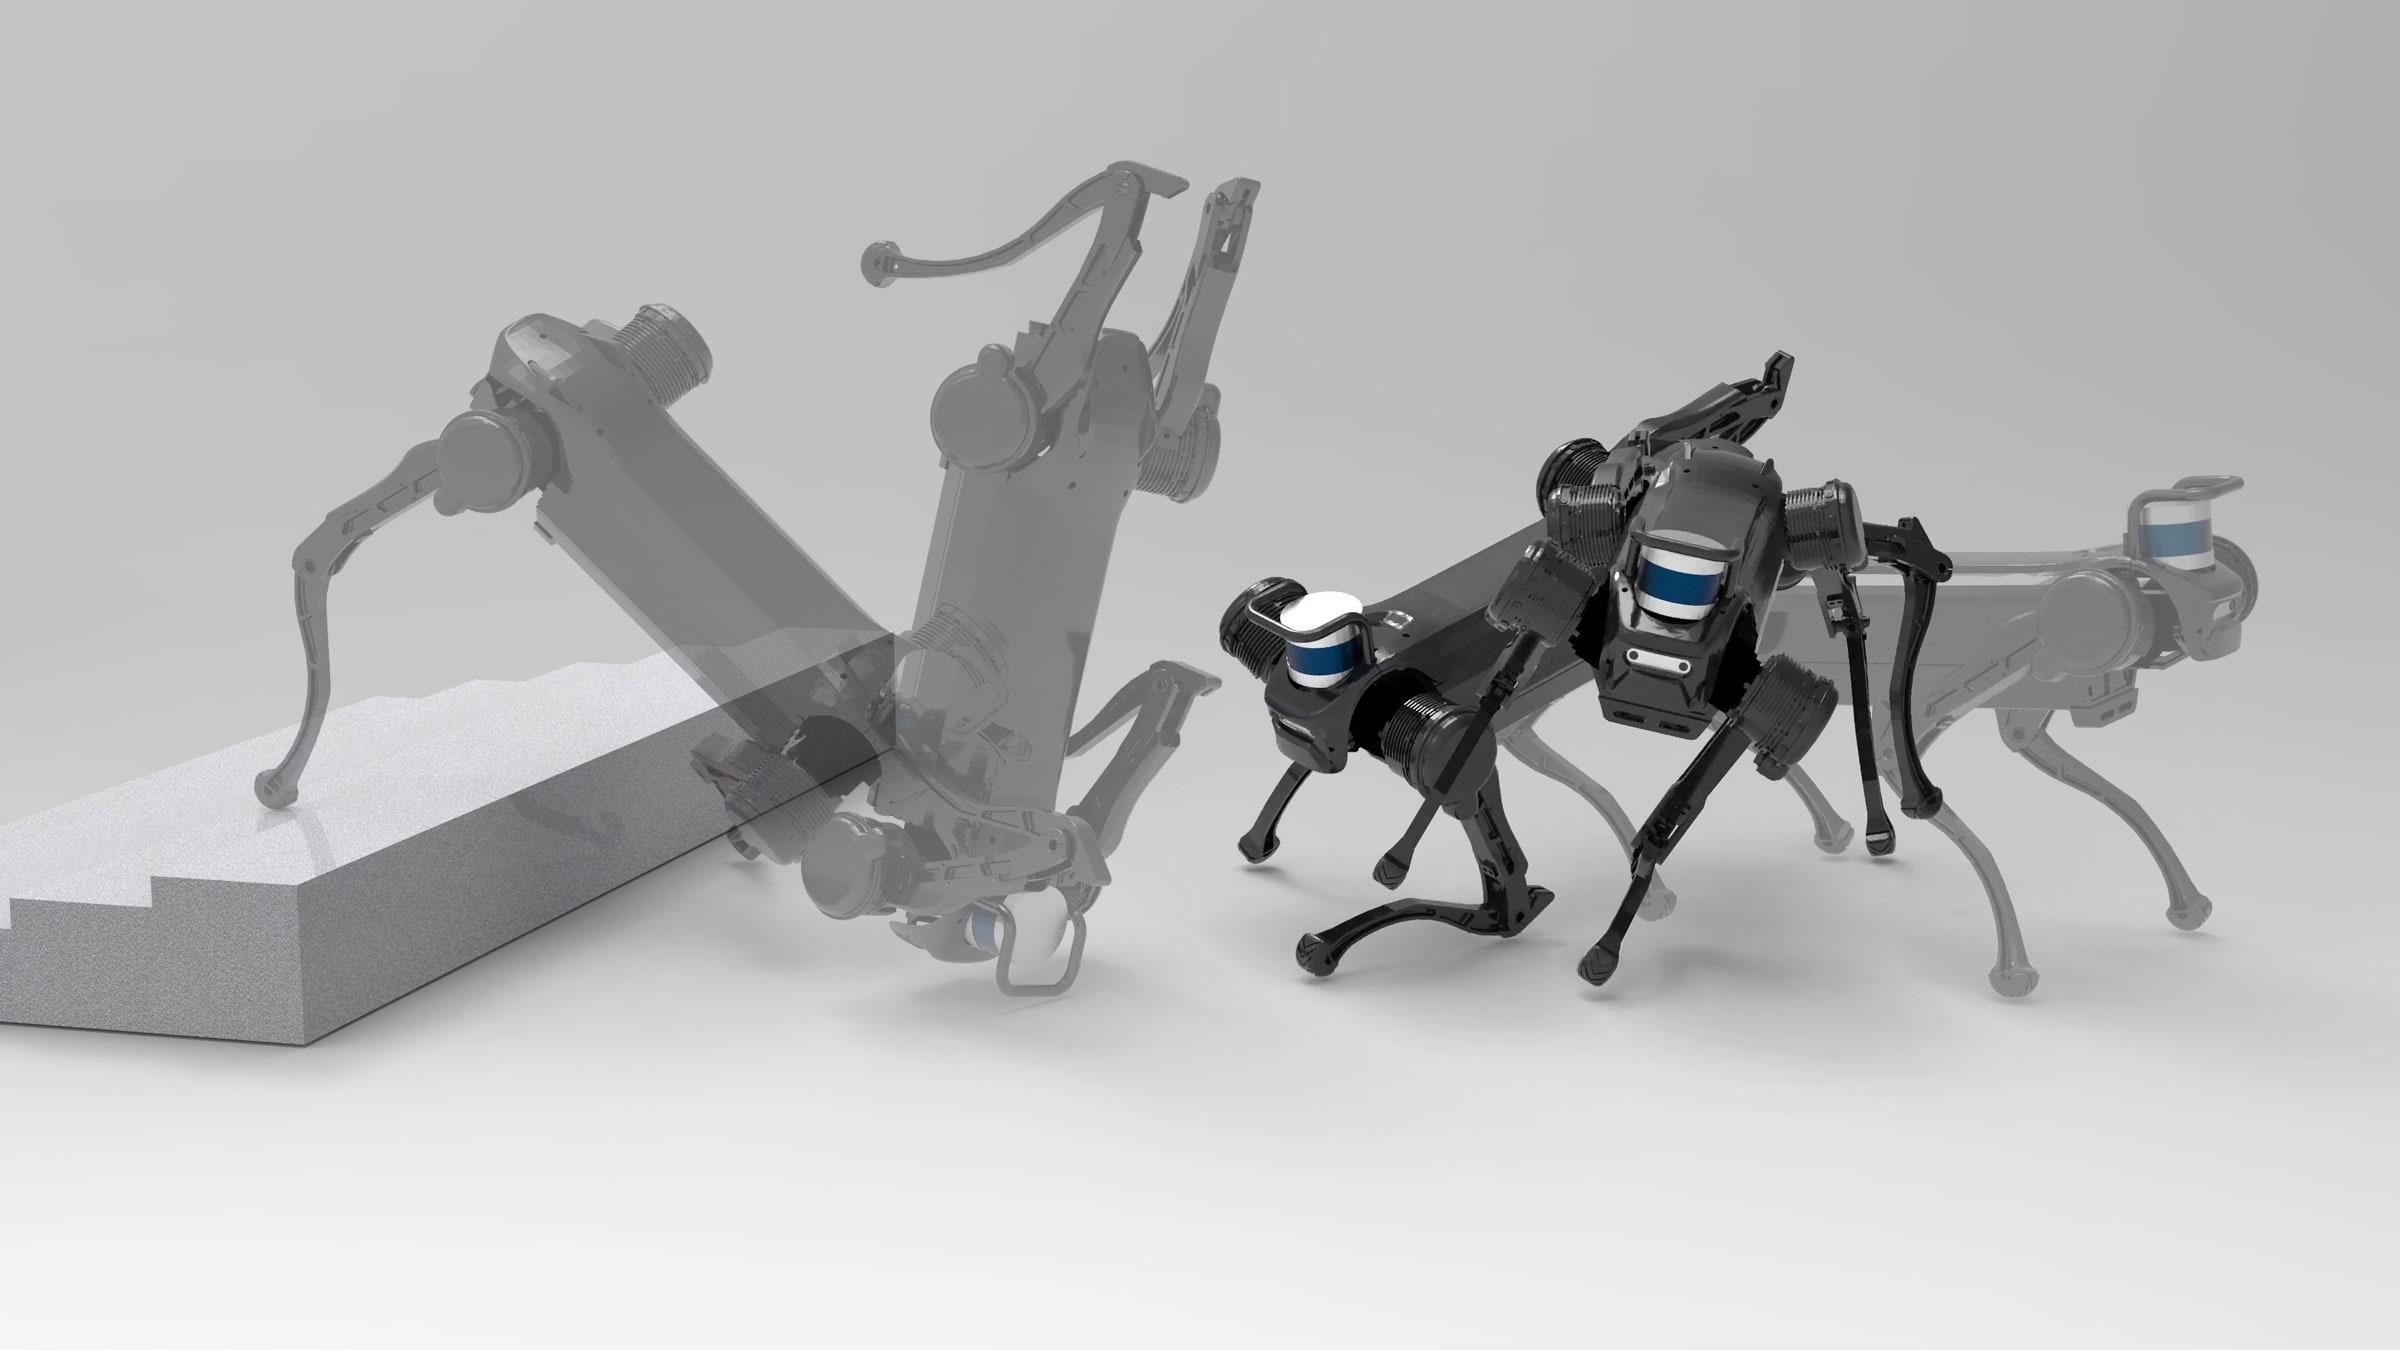 Роботов толкают, бьют и обижают. Но все в порядке  так их учат выживать в реальном мире